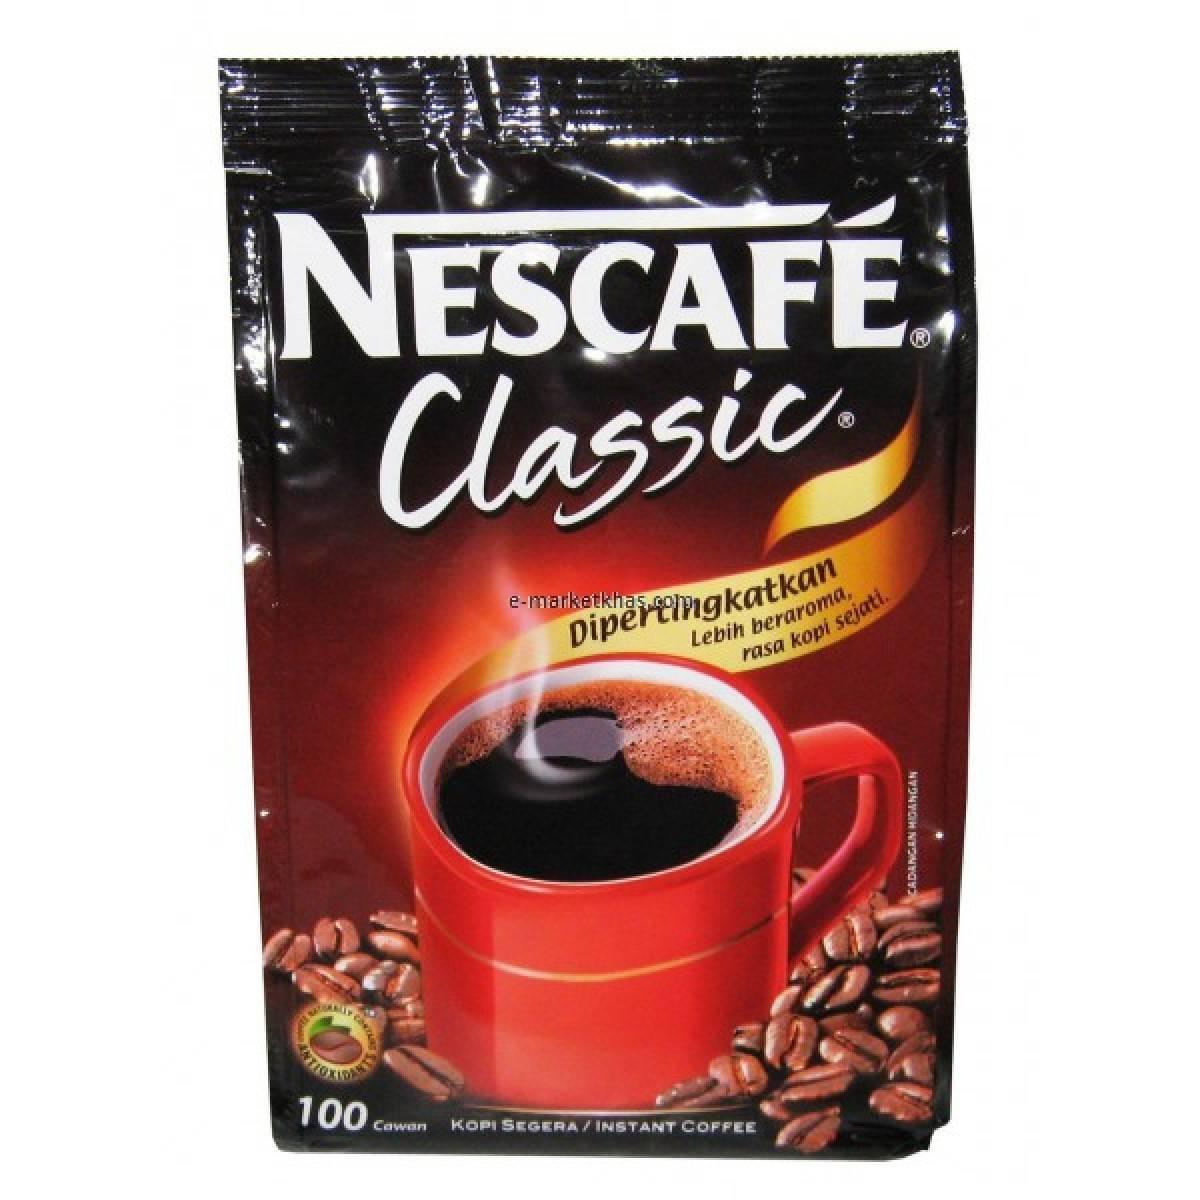 Nescafe 3 in 1 Classic